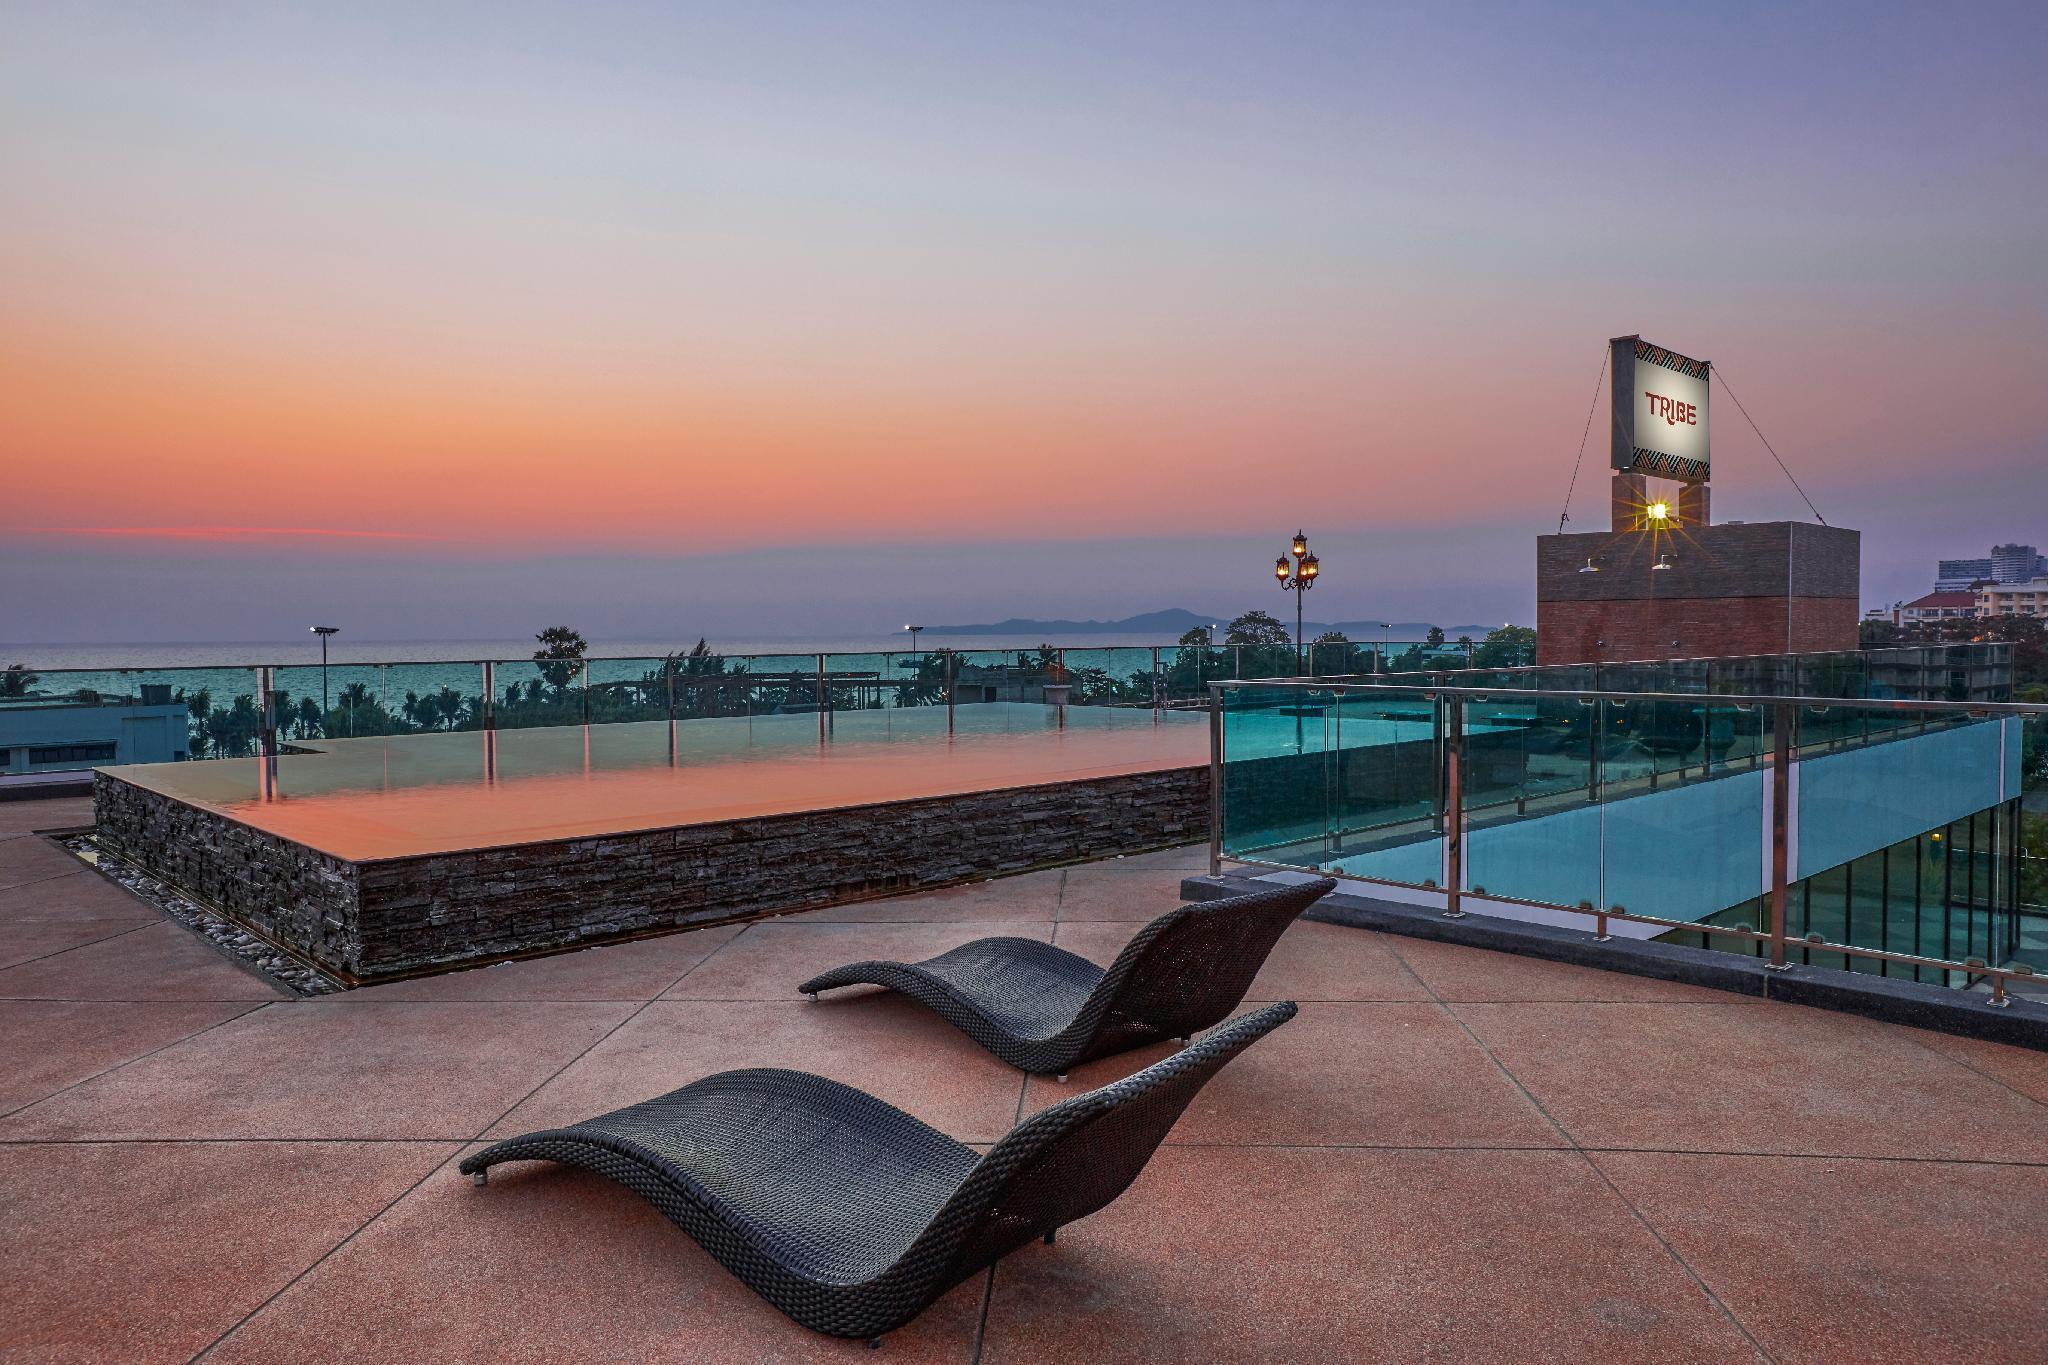 Oceans Reach | Luxury 30 BR Pool Resort by Beach วิลลา 21 ห้องนอน 21 ห้องน้ำส่วนตัว ขนาด 1400 ตร.ม. – หาดจอมเทียน